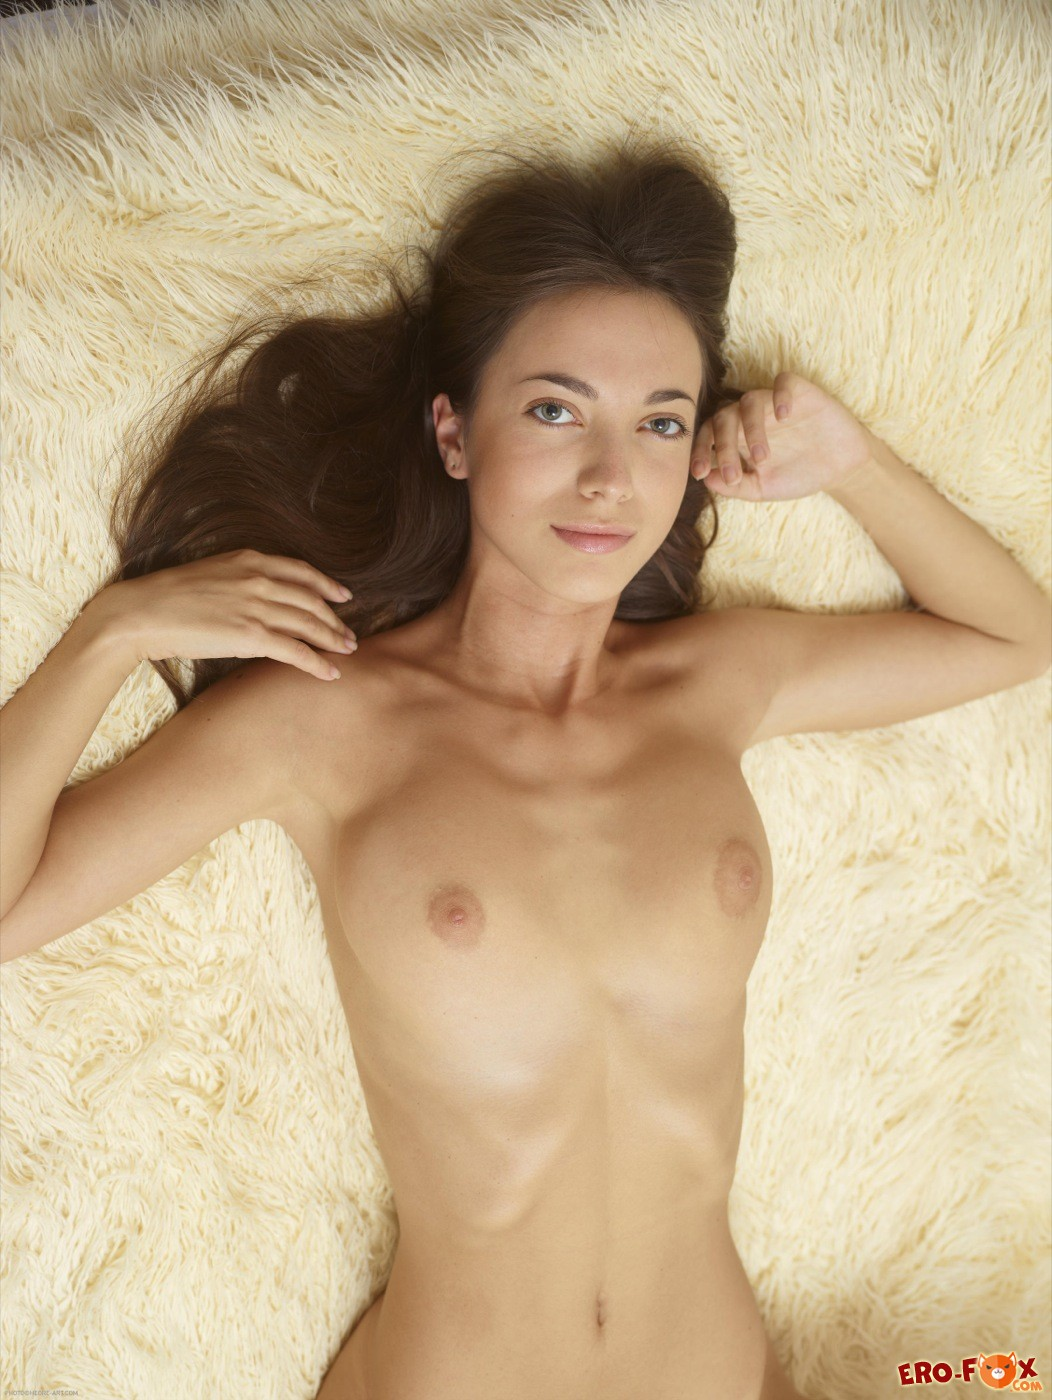 Нагая девица с красивой промежностью на кровати - фото